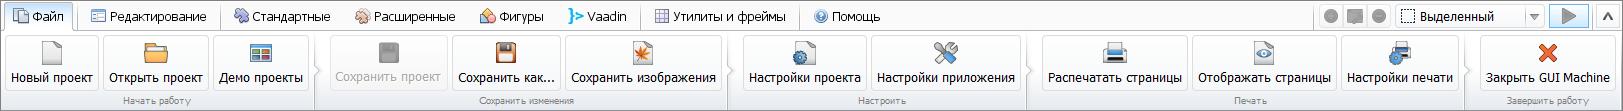 menufile